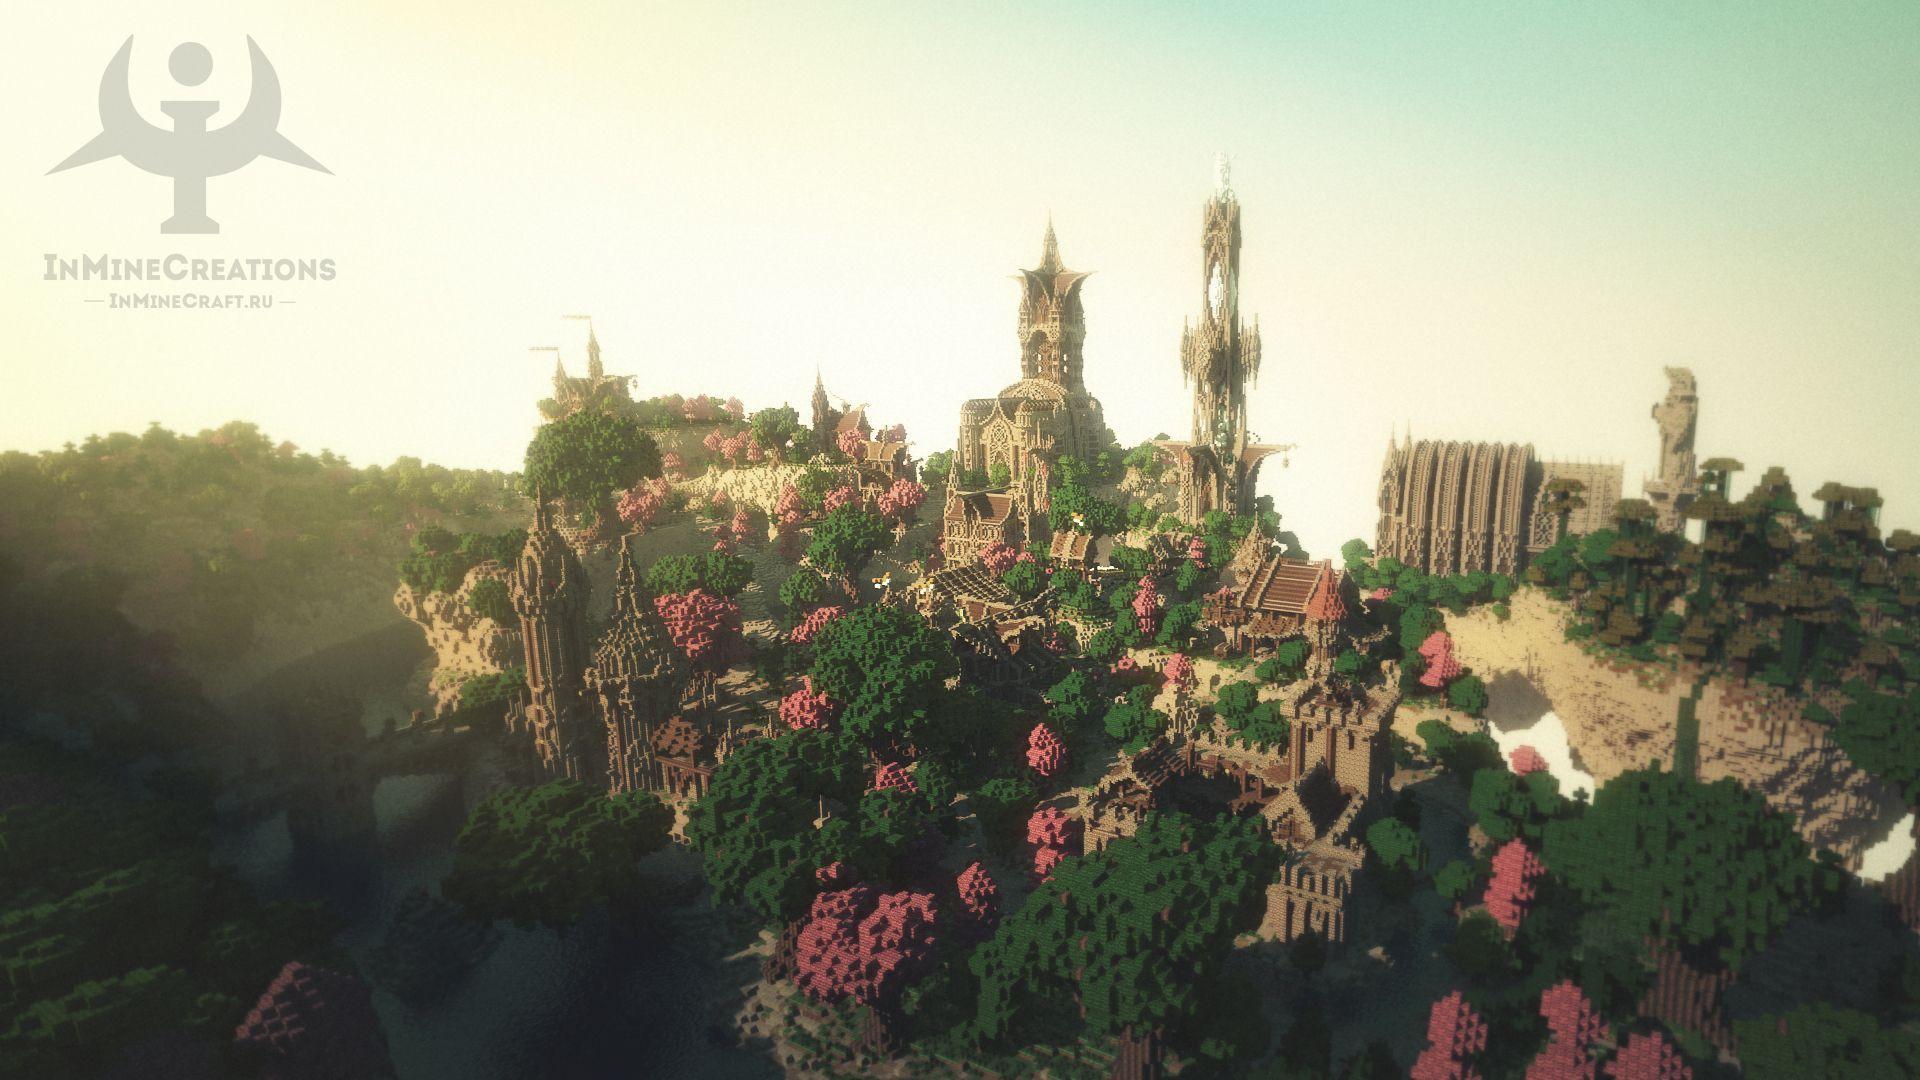 1920x1080 Tải xuống hình nền rừng, bầu trời, cầu, Thành phố, con sông, Tháp, Tưởng tượng, Minecraft, Thời Trung cổ, gói xây dựng, Phần trò chơi ở độ phân giải 1920x1080